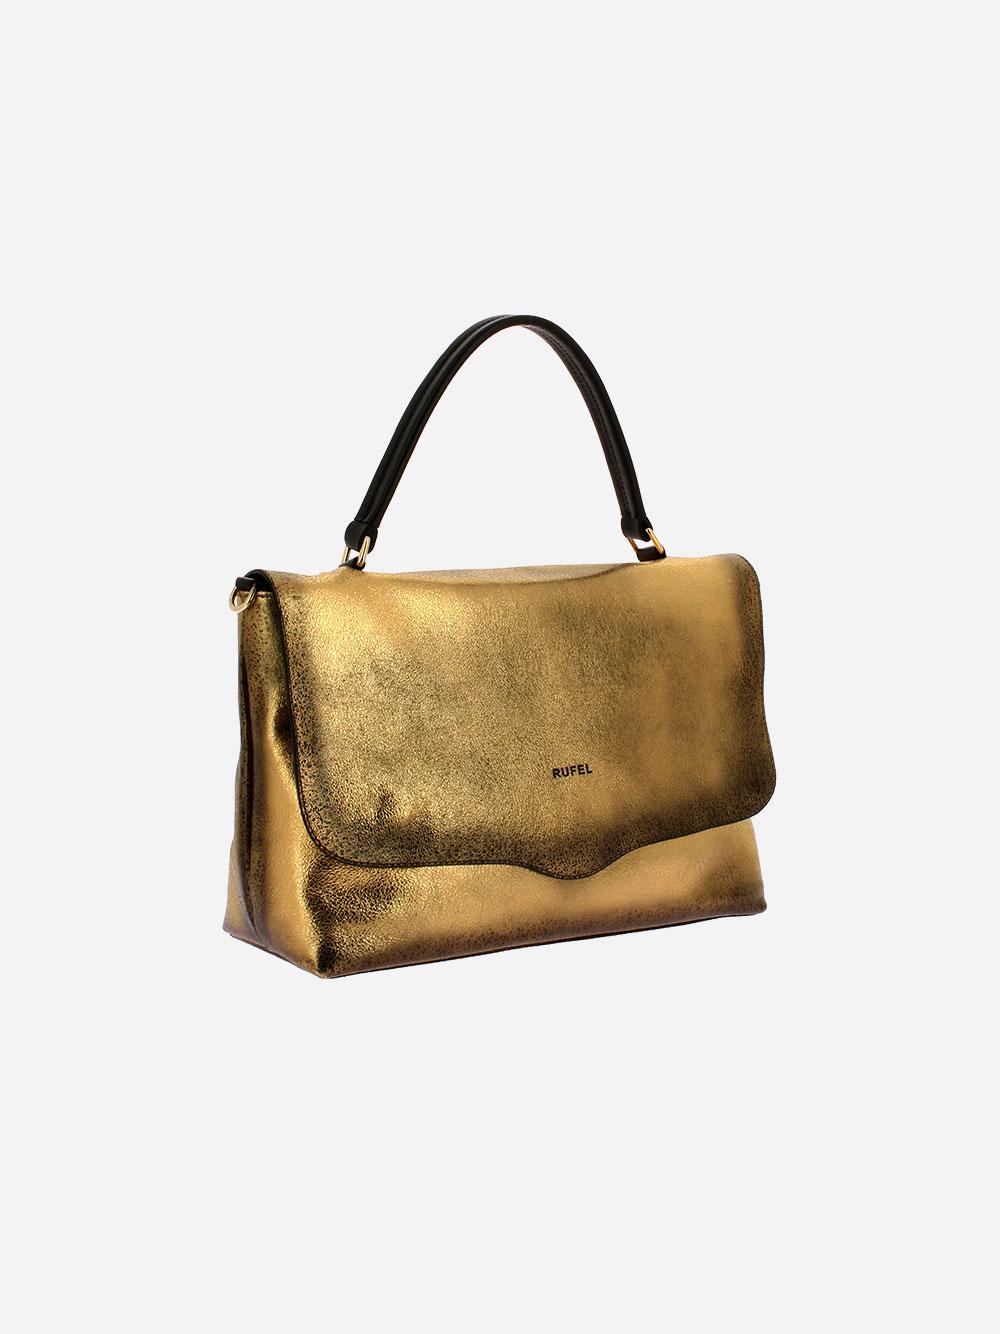 Laminated Golden Handbag